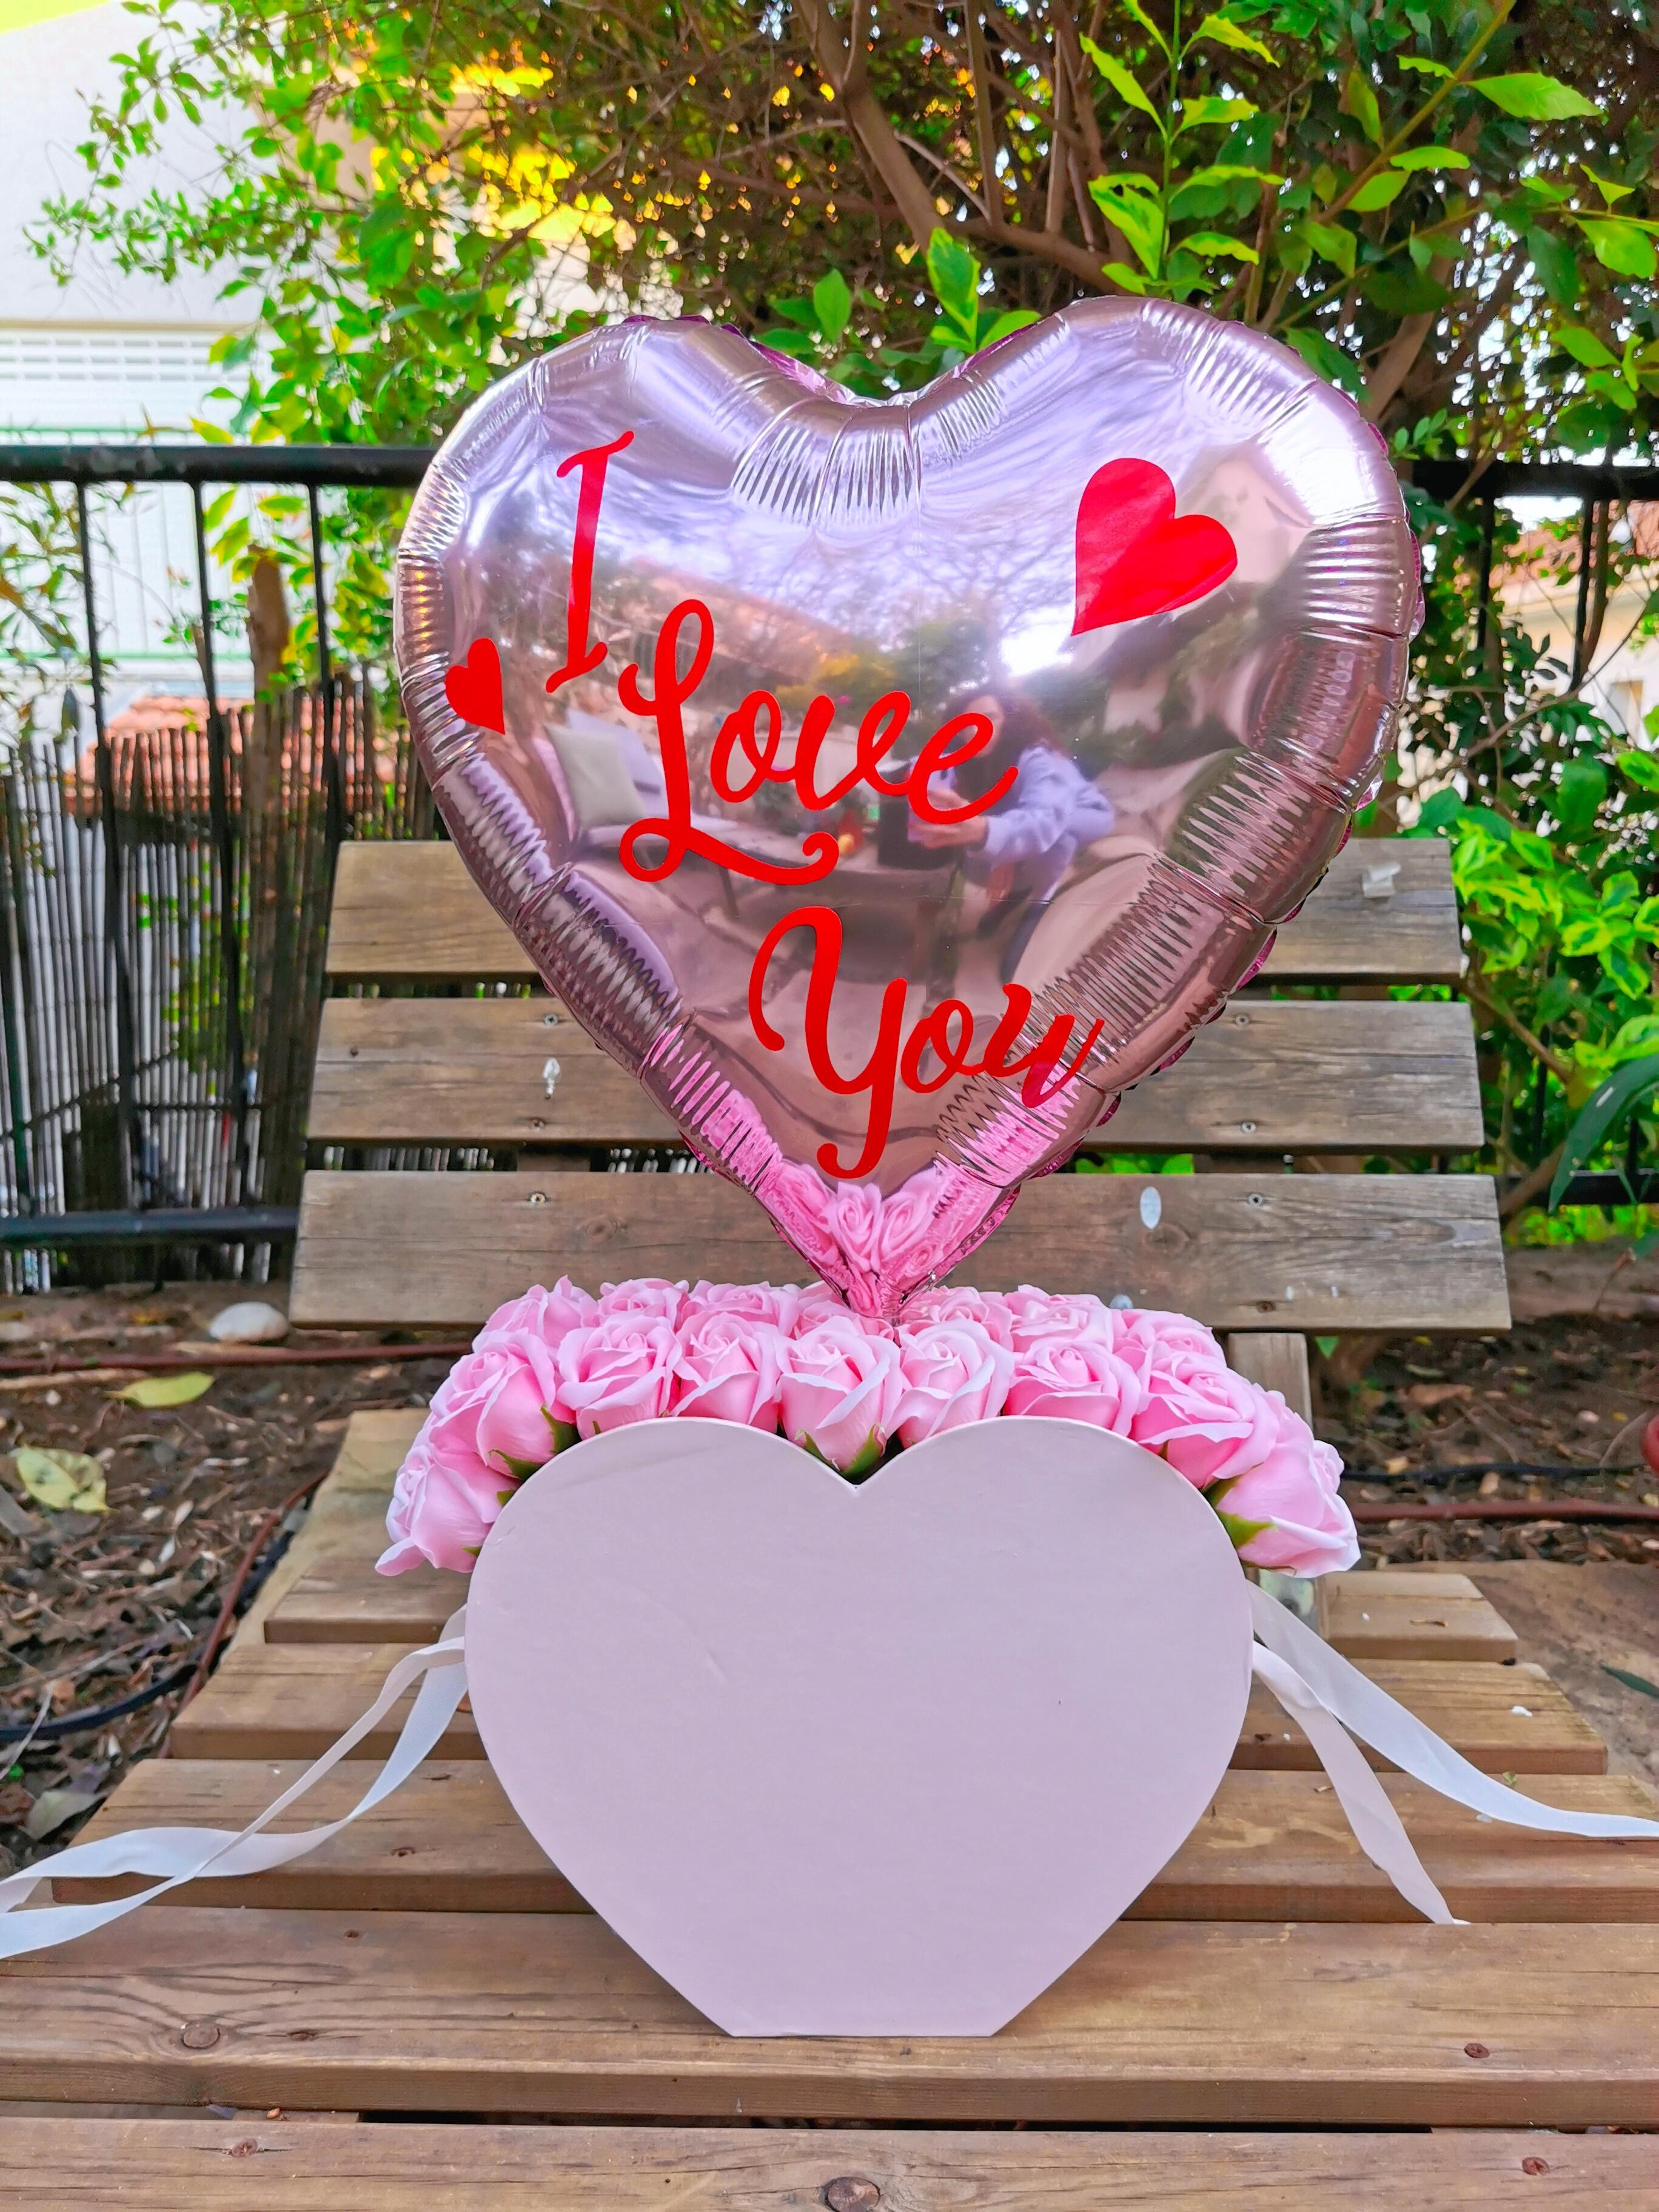 תיק ורדים עם בלון לב כתוביות